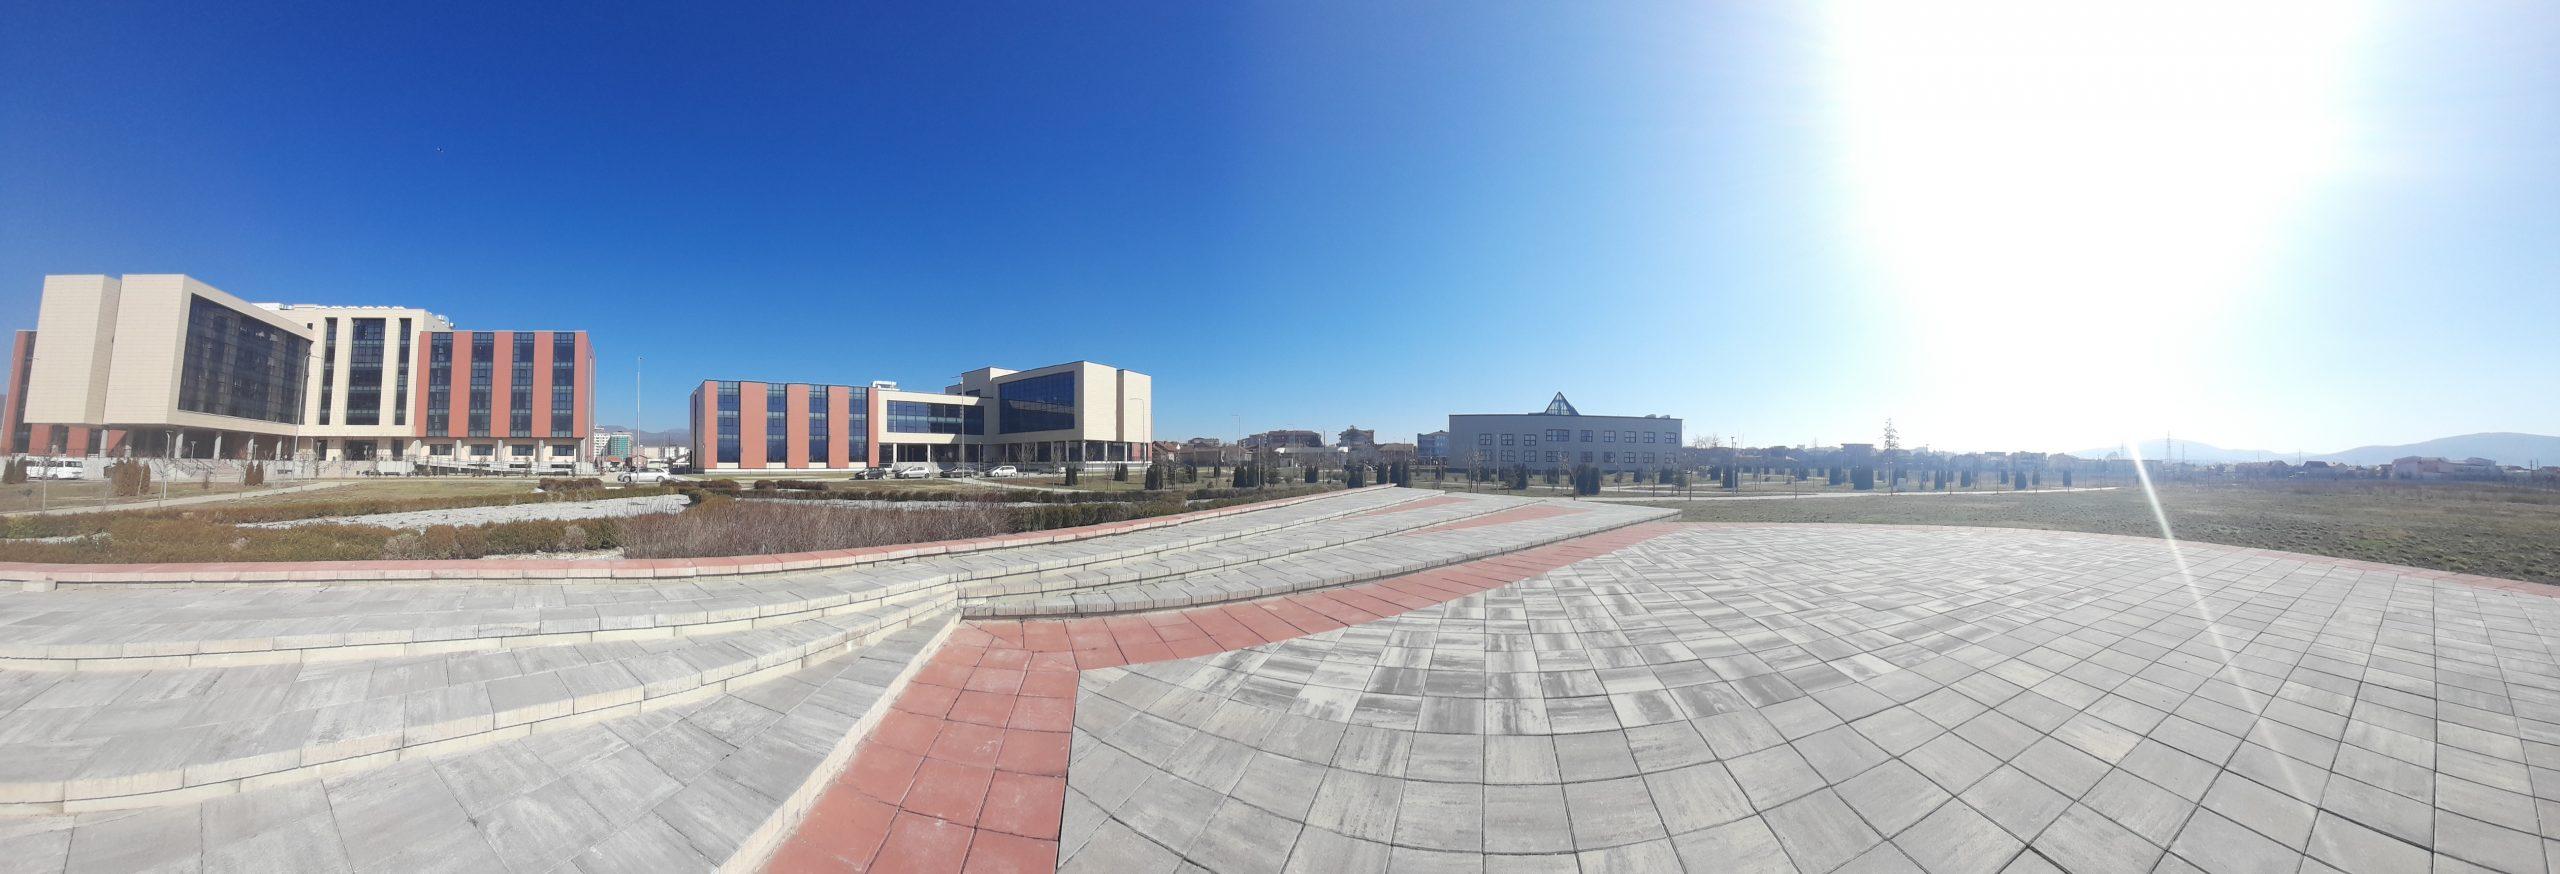 Orari i provimeve në afatin e marsit (absolventët)